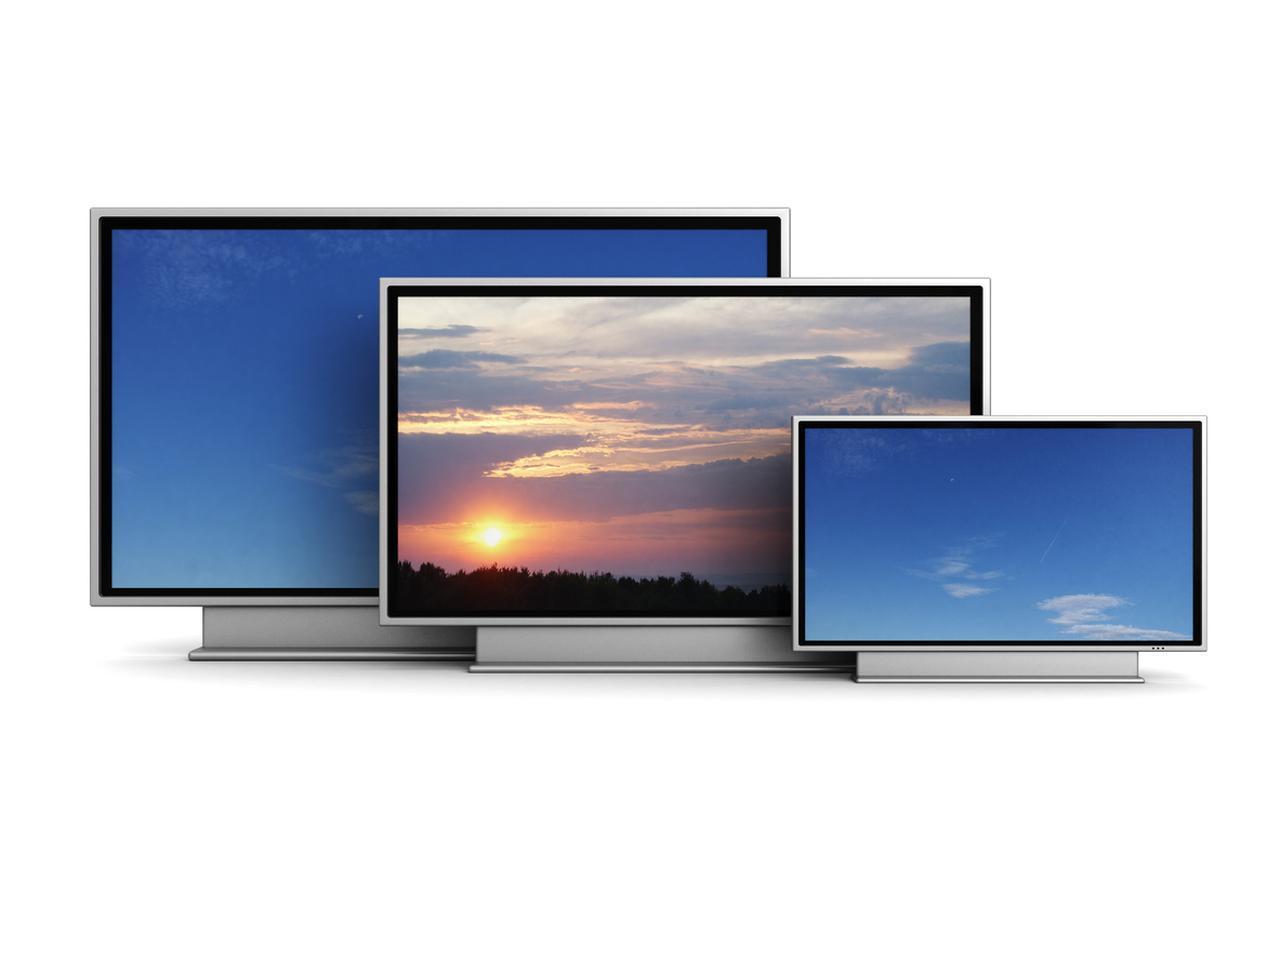 画像: 【有機ELテレビ】40インチくらいの中型サイズがないのはなぜ?(読者の疑問に専門家が回答)